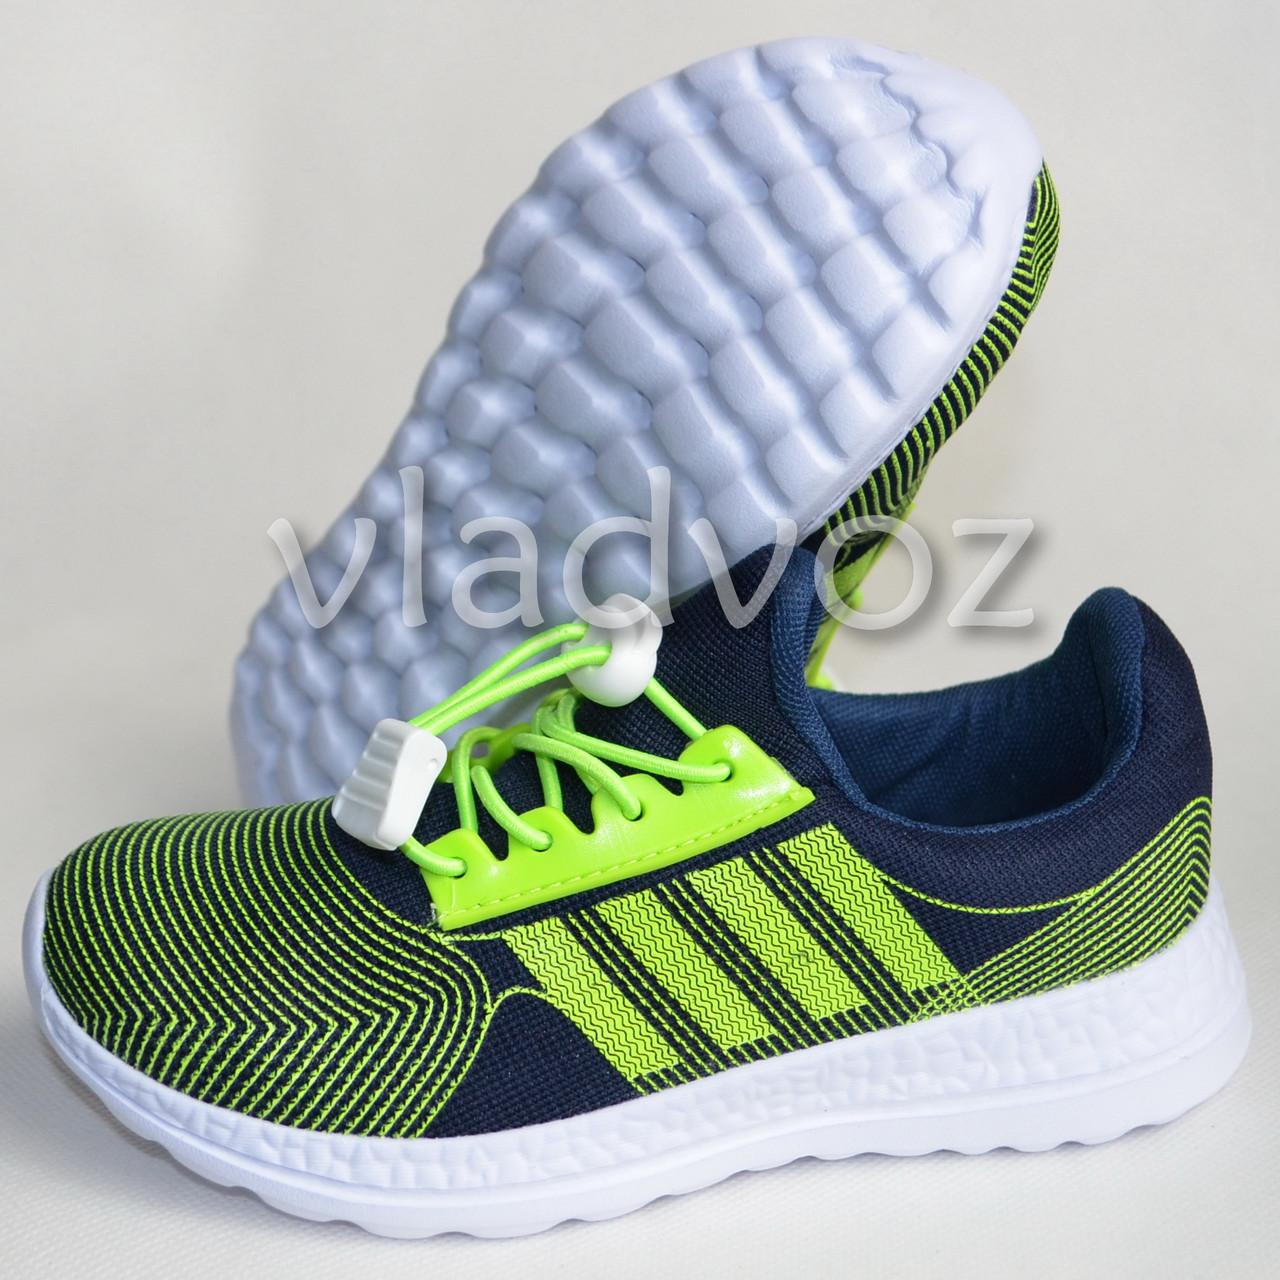 Детские кроссовки для девочки легкие салатовые модель 32р.